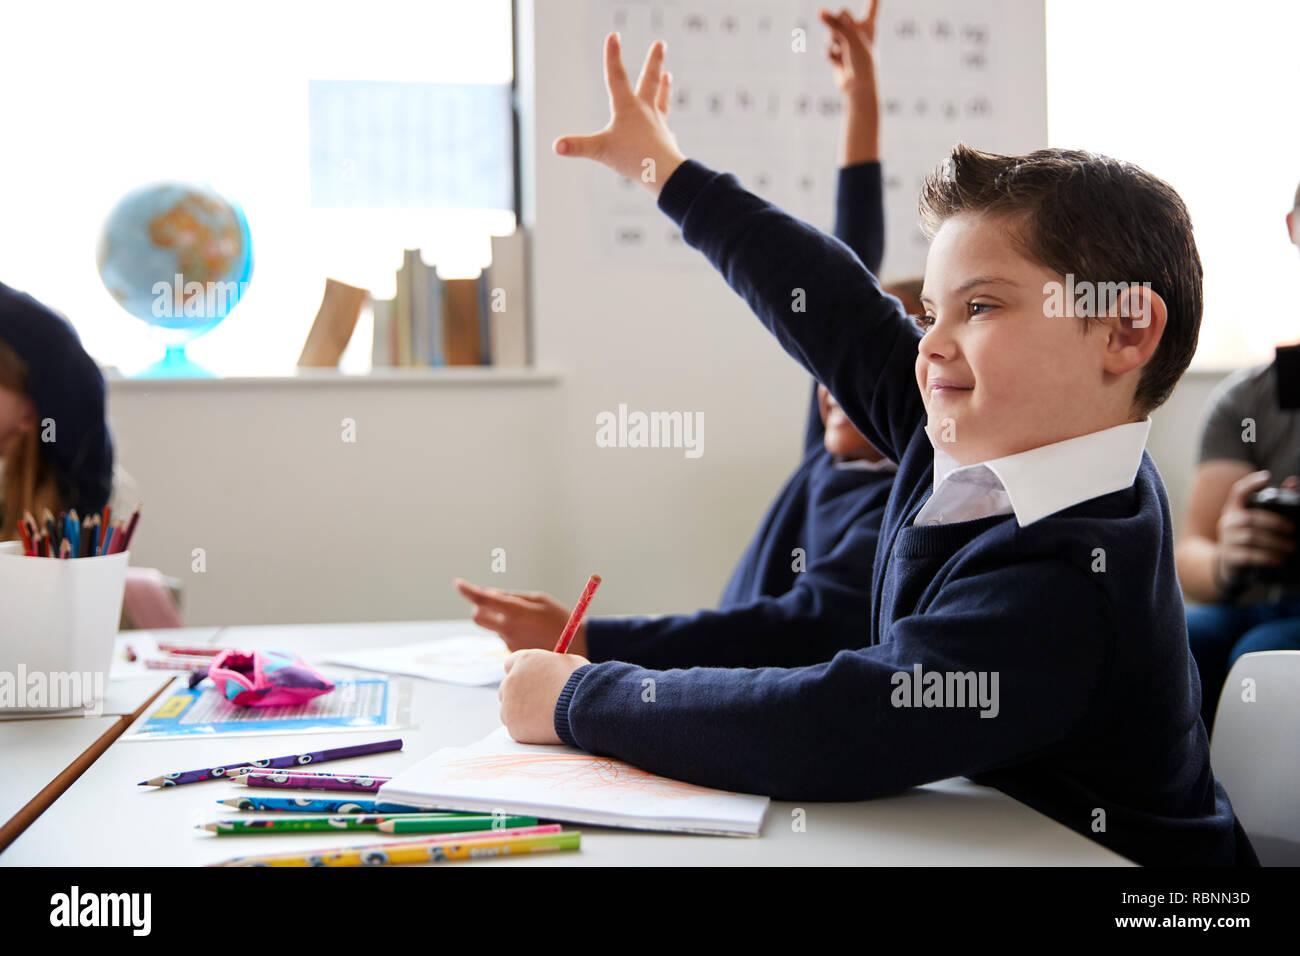 El colegial con síndrome de Down sentado en un escritorio, levantando su mano en una clase de la escuela primaria, cerrar, vista lateral Imagen De Stock